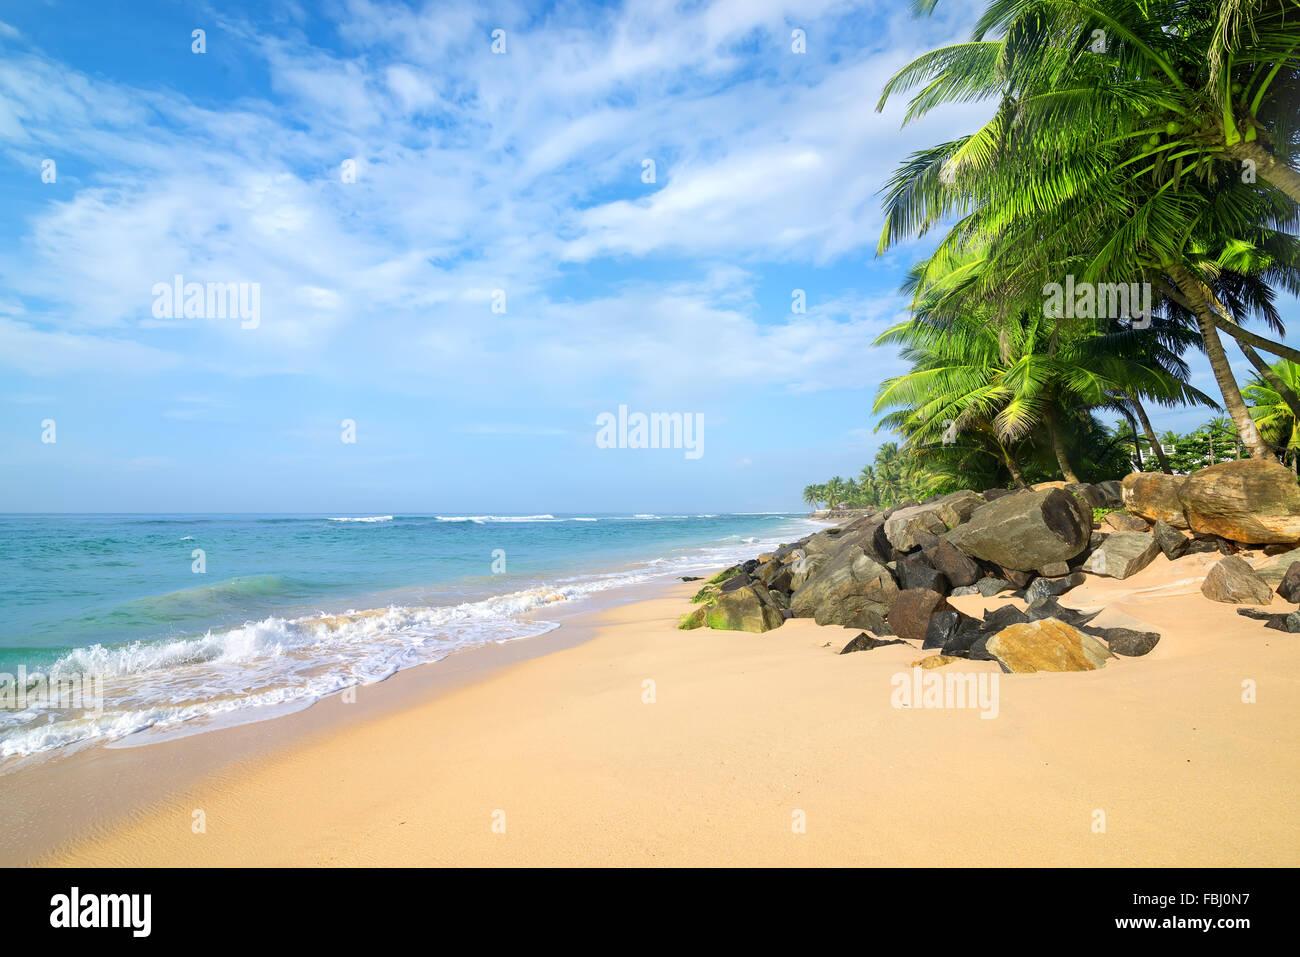 Des pierres et des palmiers sur une plage de sable de Gala en Sri Lanka Banque D'Images